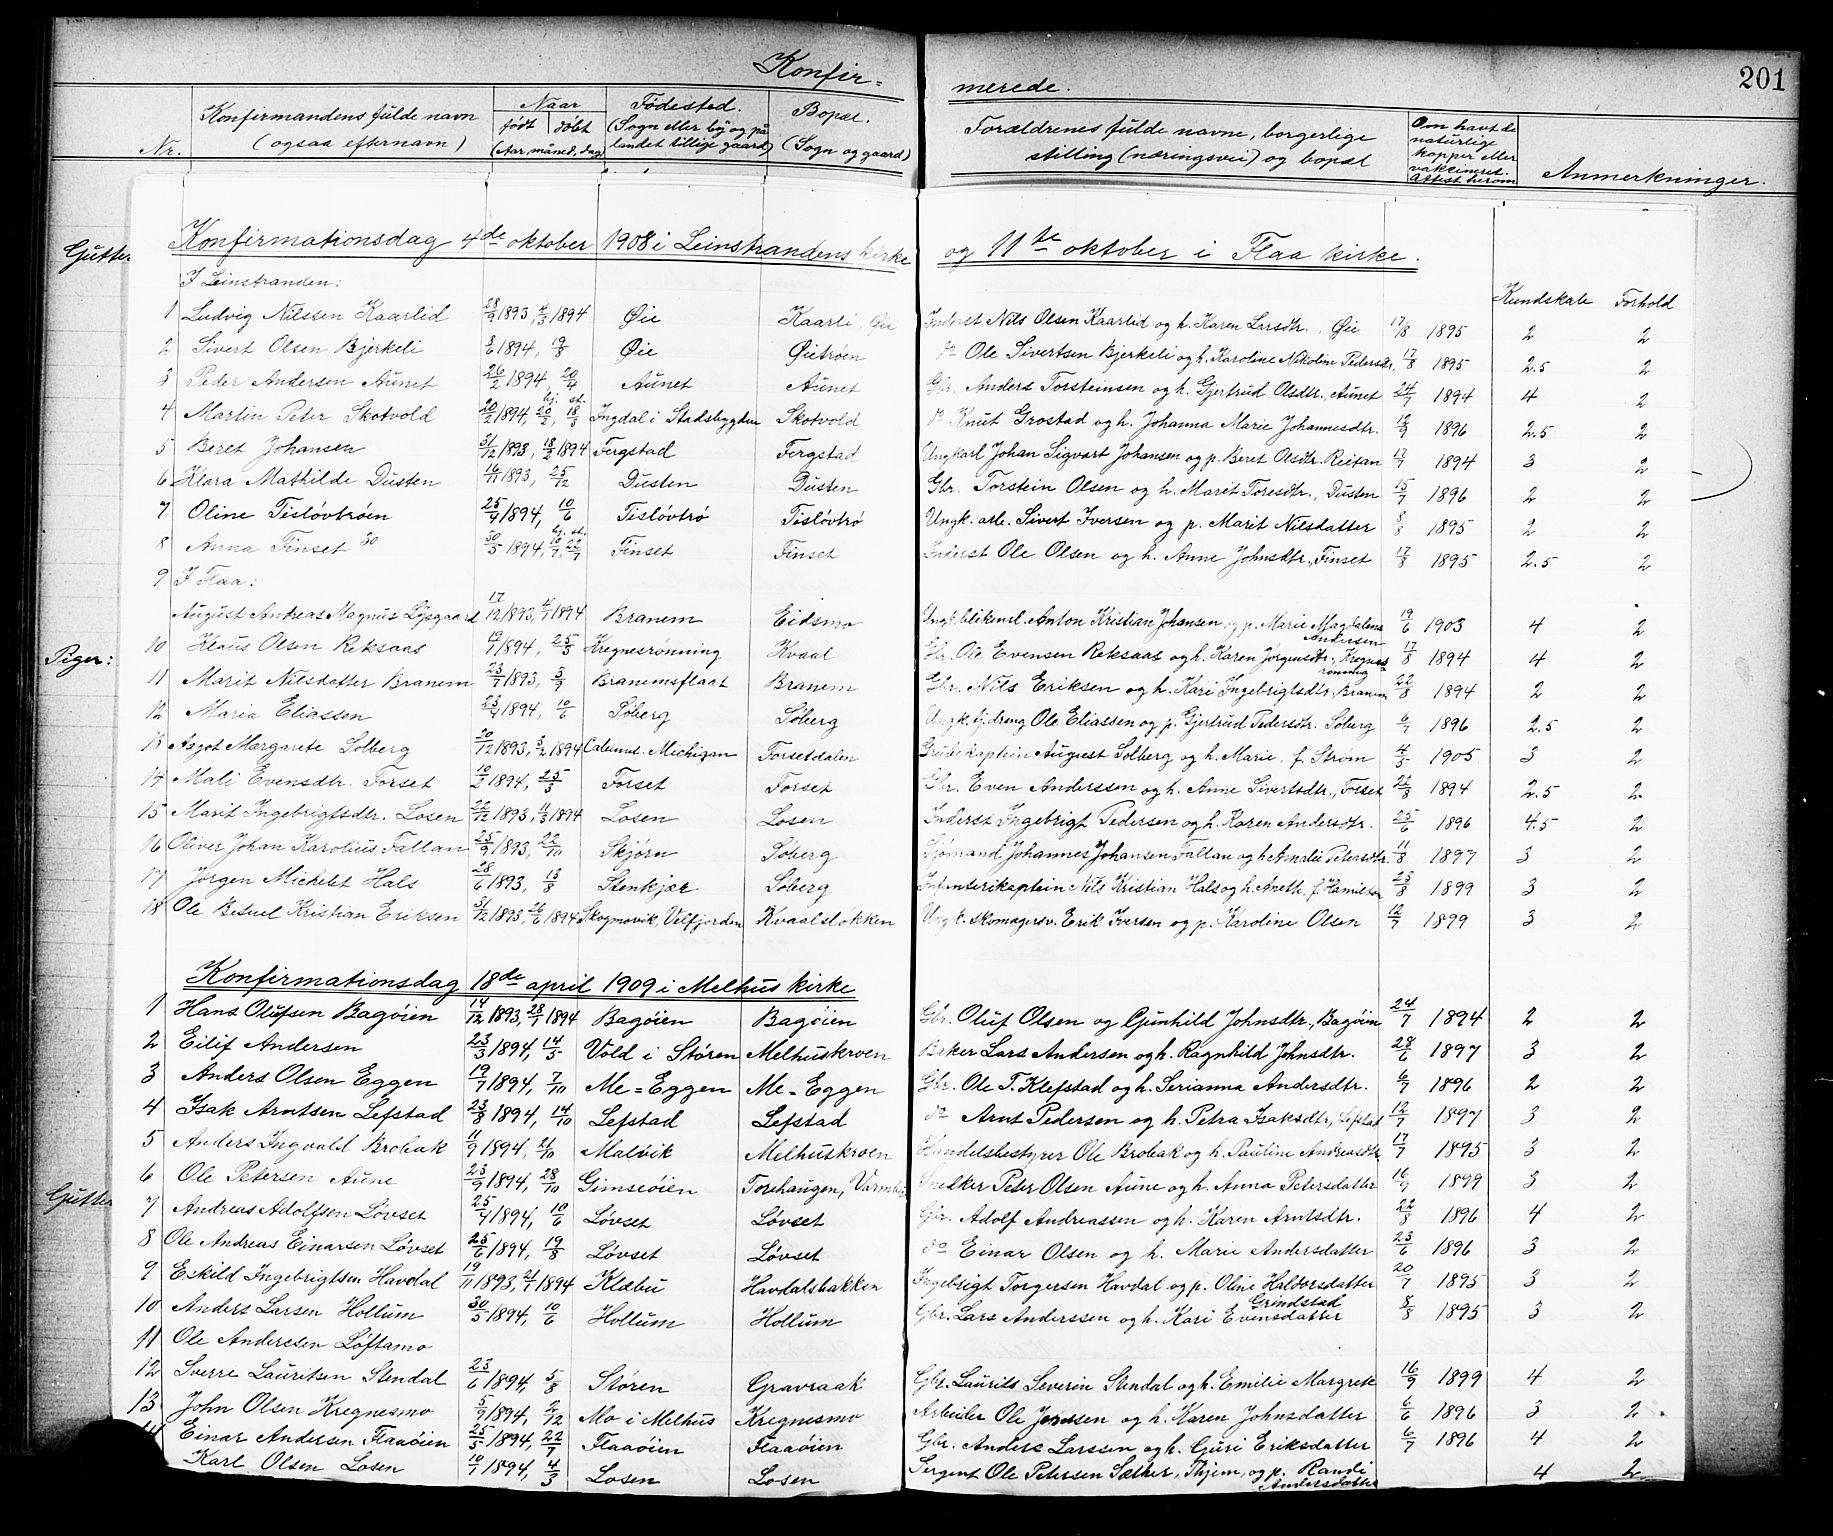 SAT, Ministerialprotokoller, klokkerbøker og fødselsregistre - Sør-Trøndelag, 691/L1094: Klokkerbok nr. 691C05, 1879-1911, s. 201h